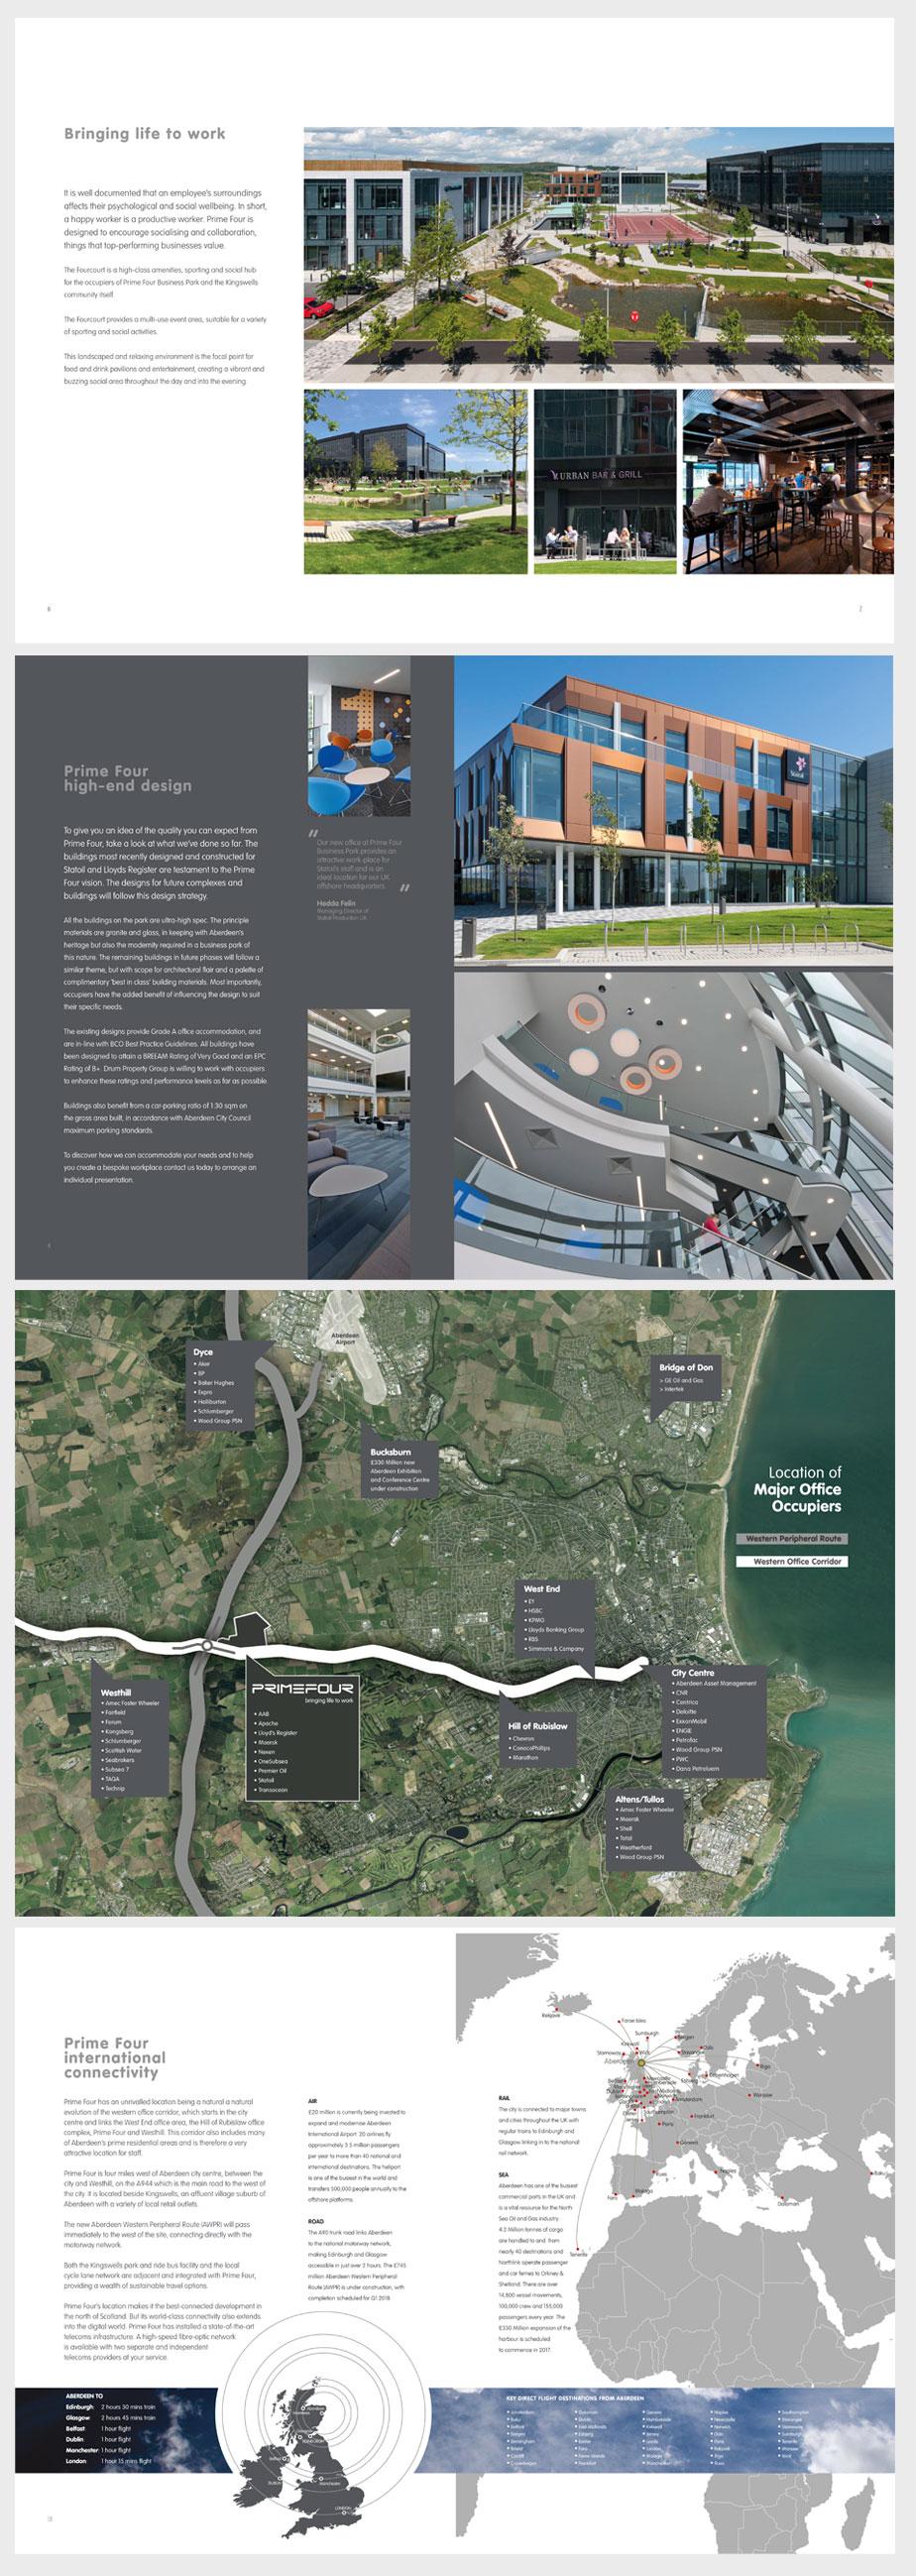 p4-brochure